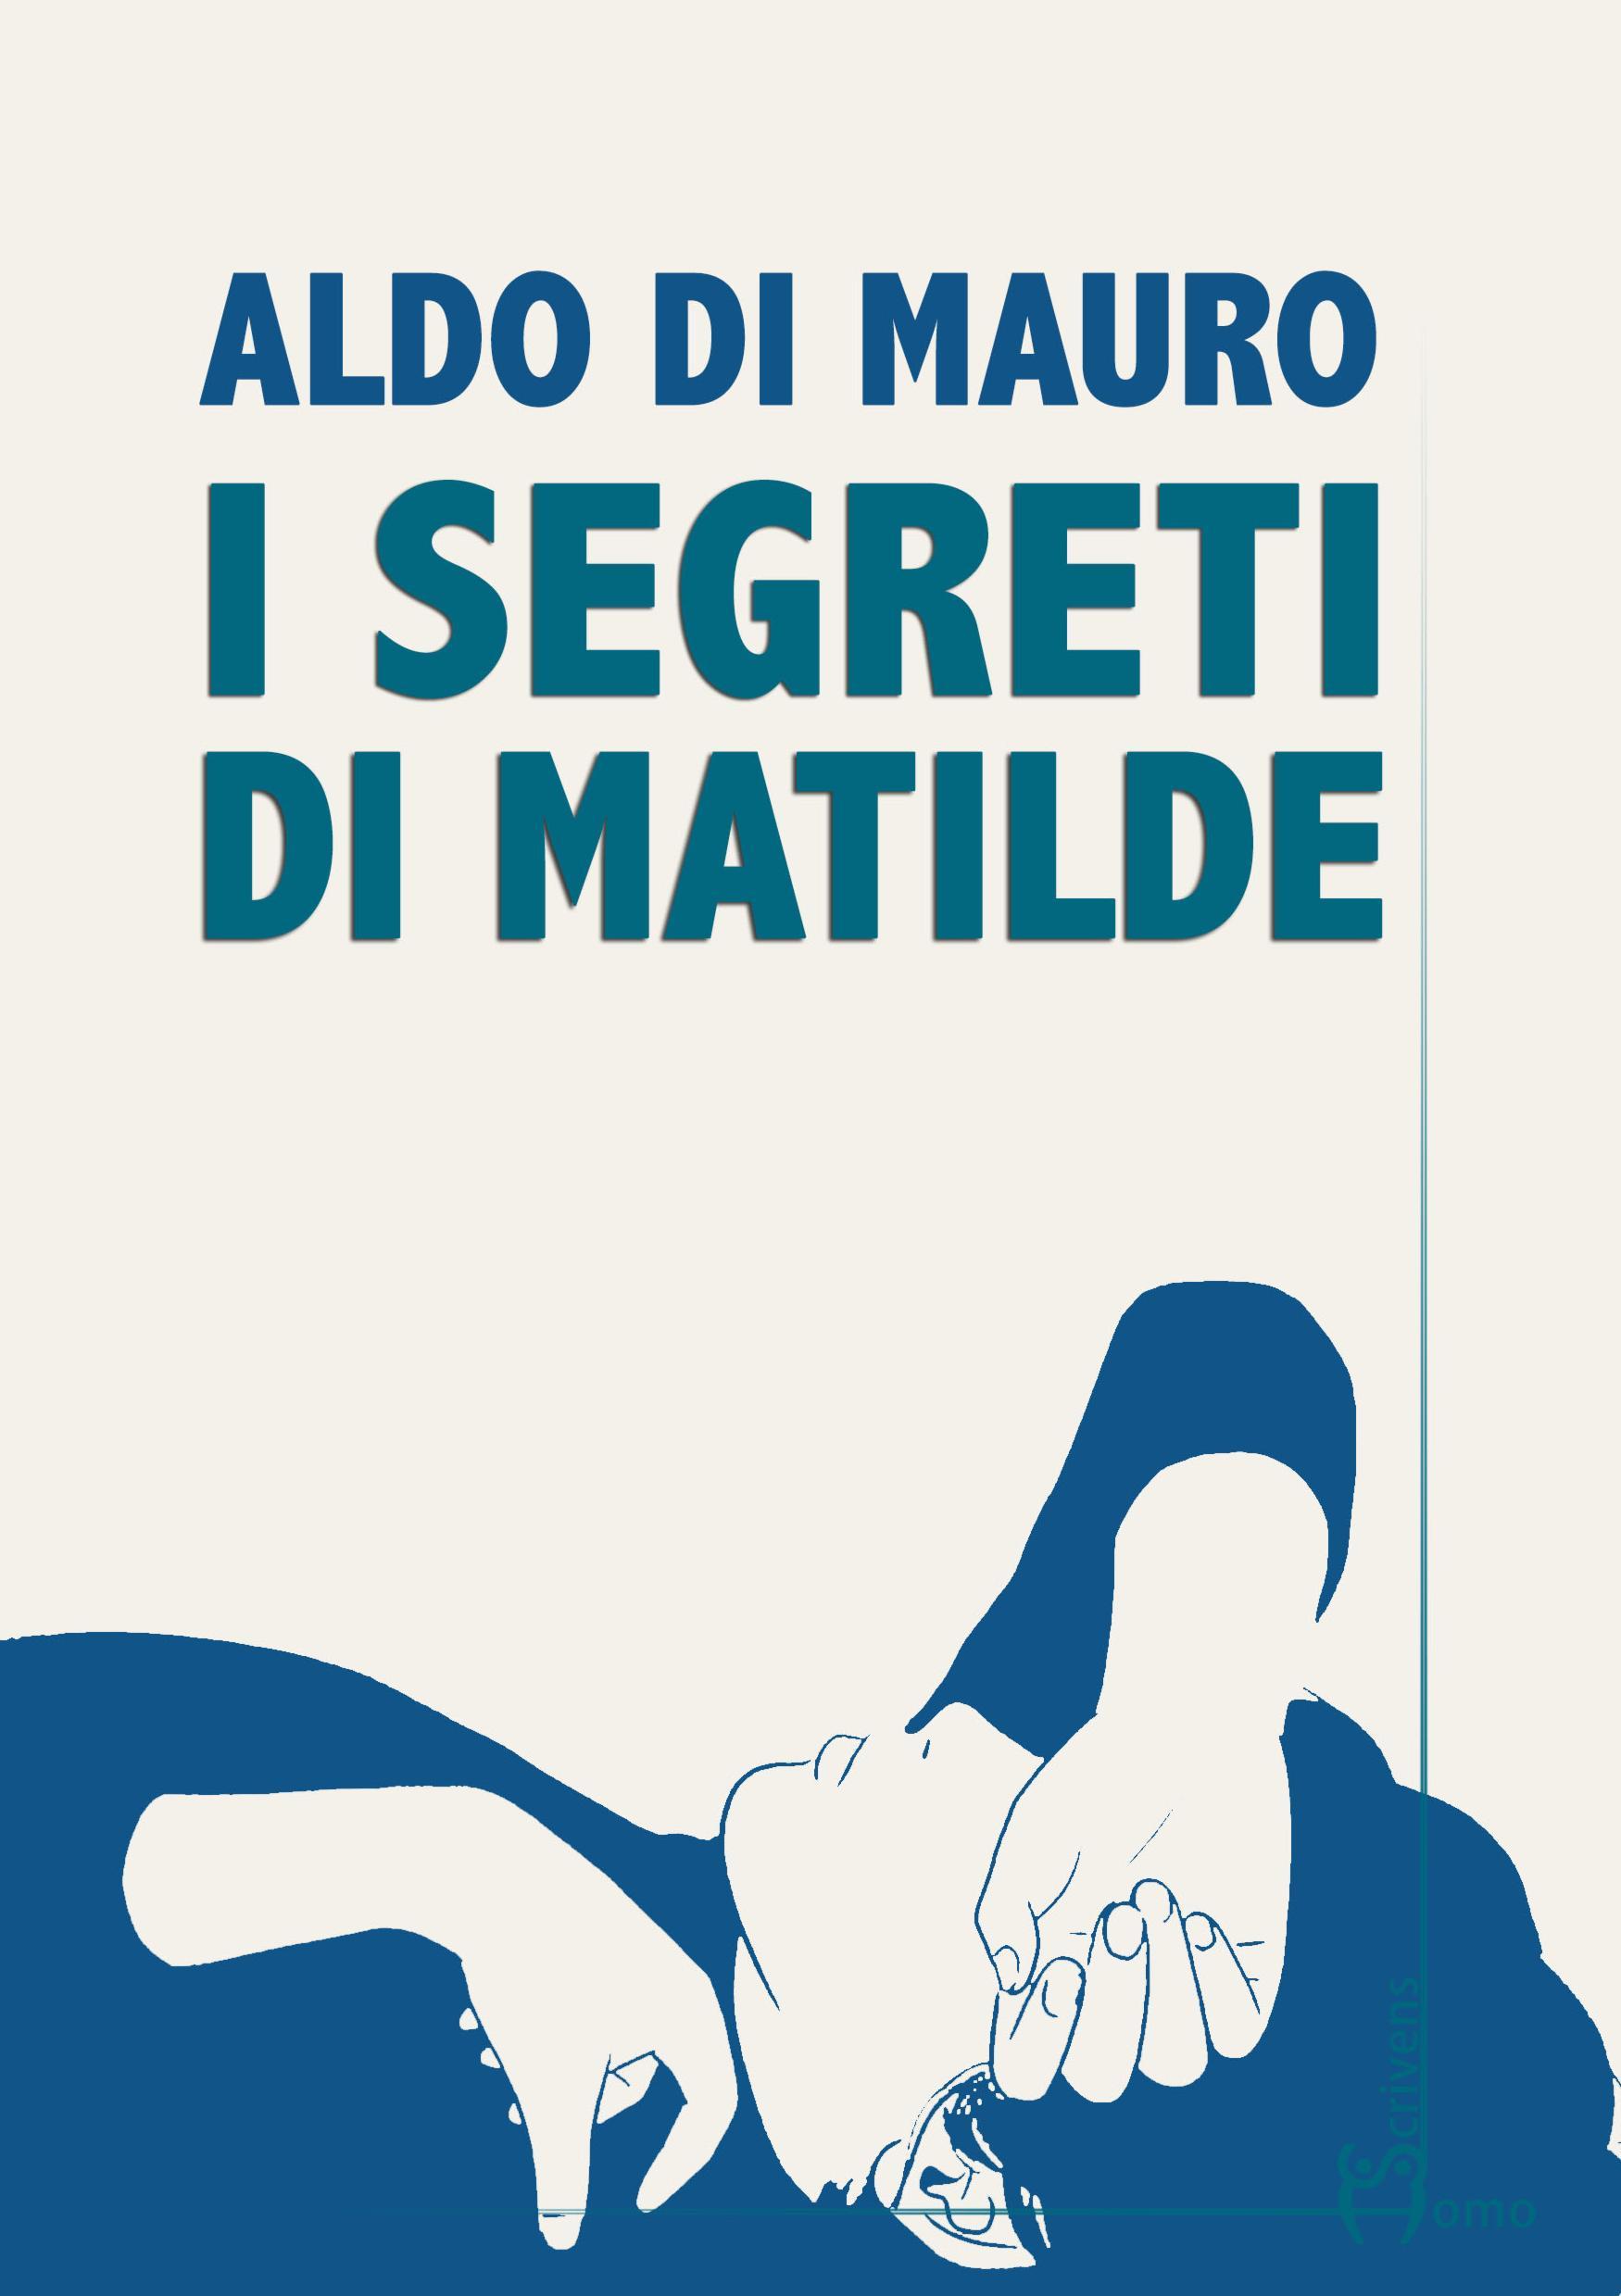 I SEGRETI DI MATILDE copertina